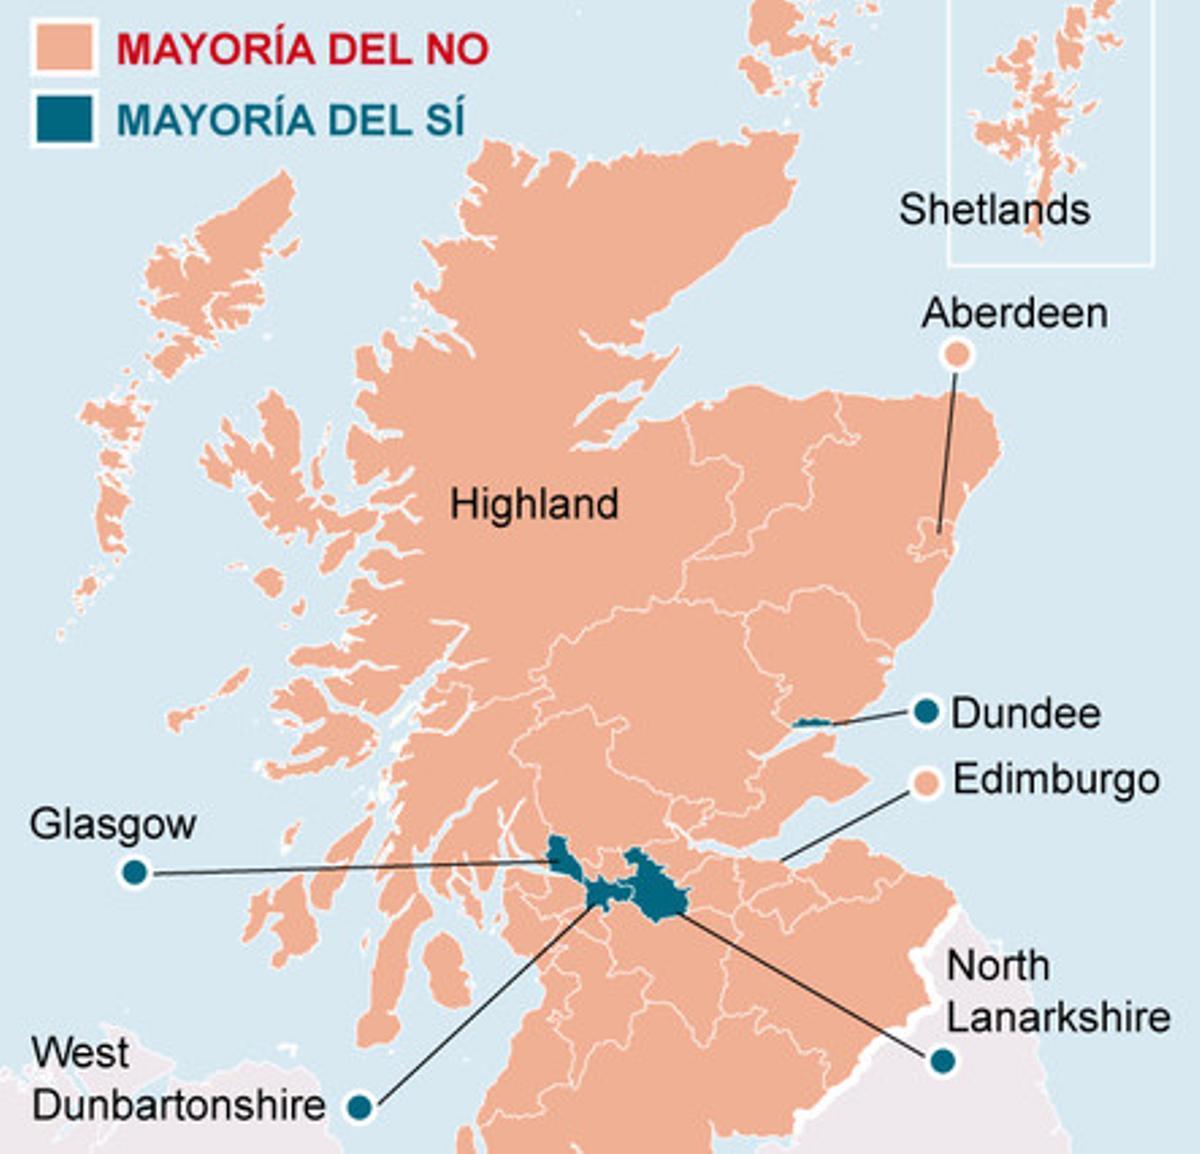 Mapa de los resultados del referéndum de independencia de Escocia